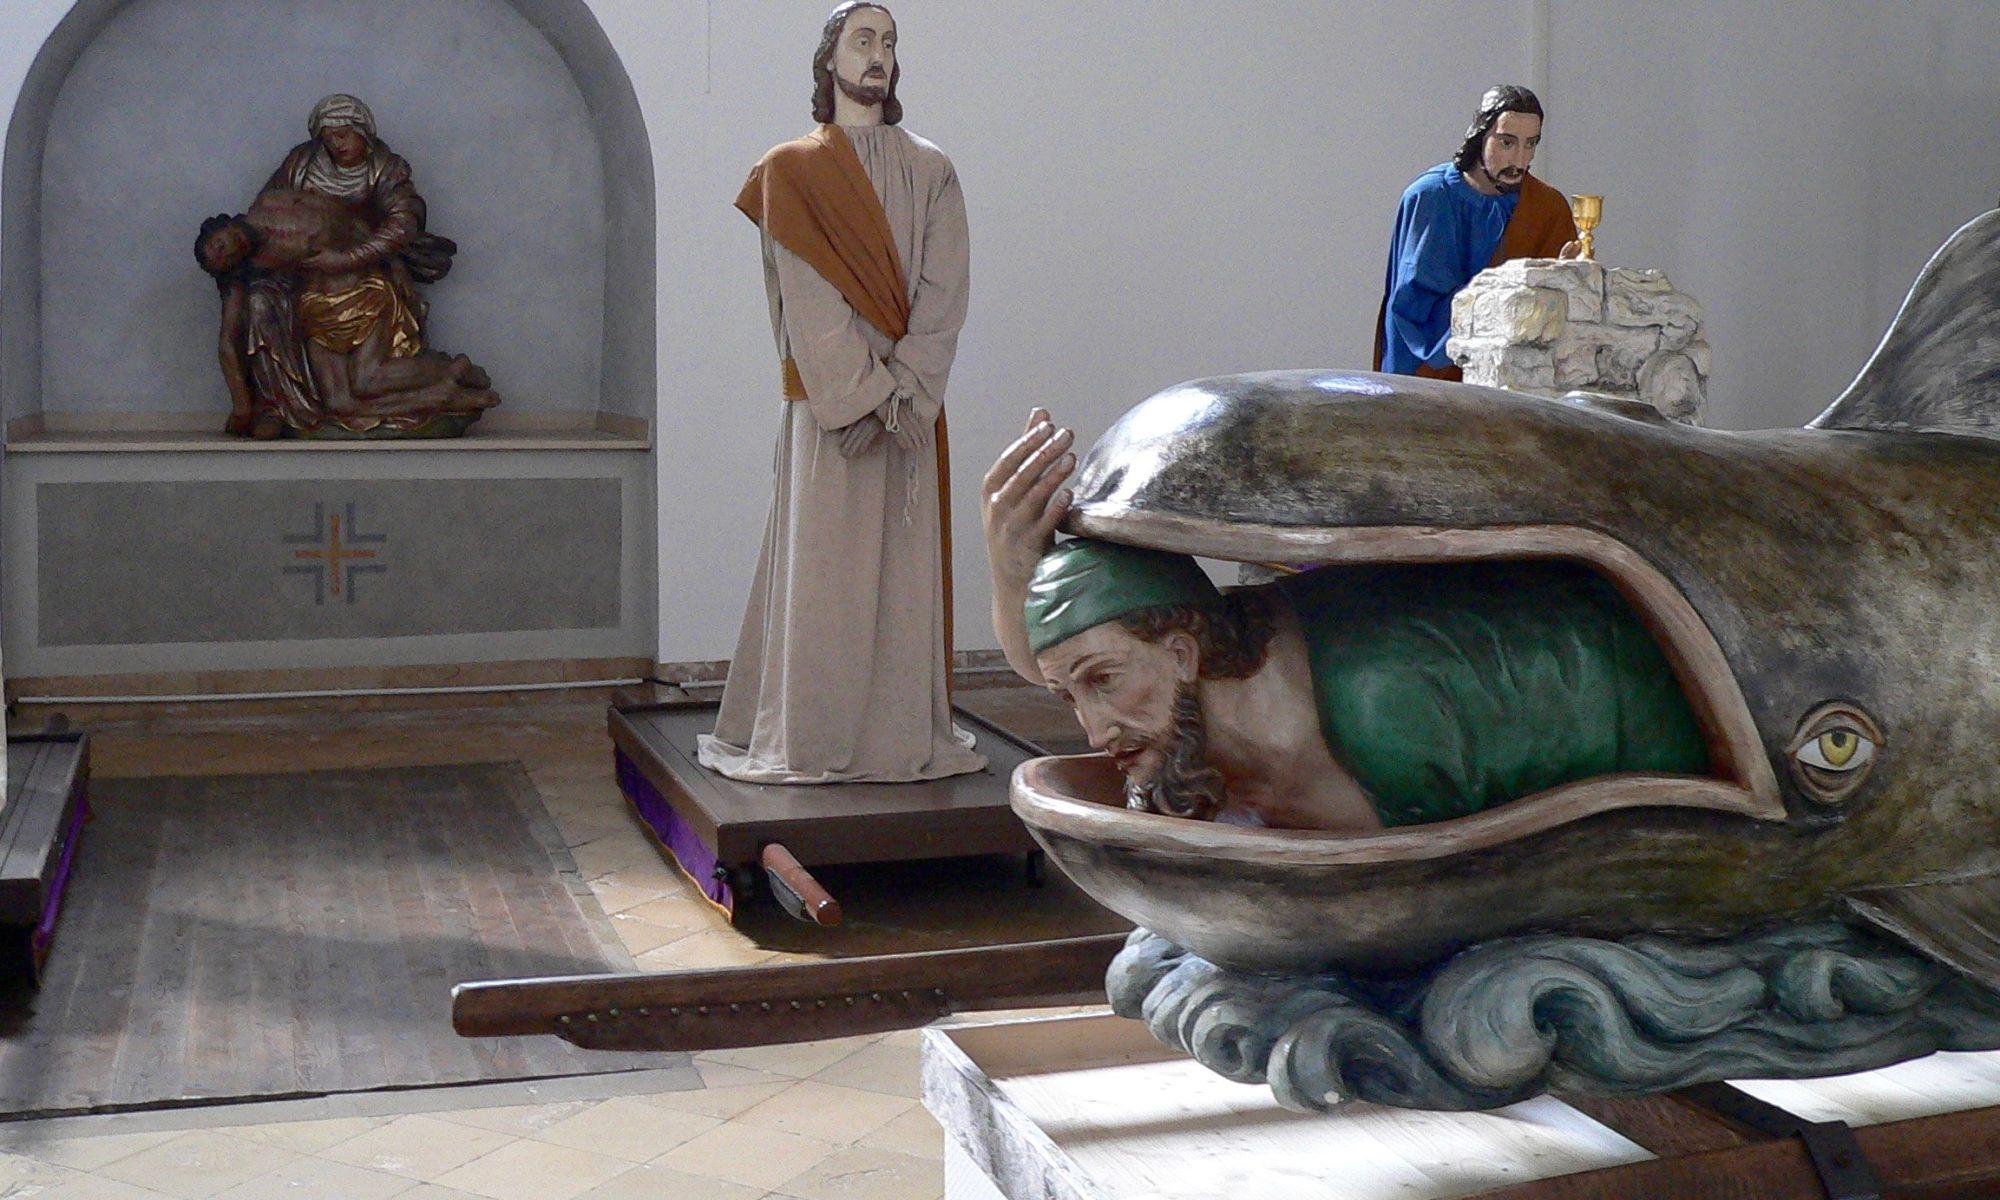 Jona im Maul des Wals - jüngste Figur der Lohrer Karfreitagsprozession. | Foto: B. Schneider